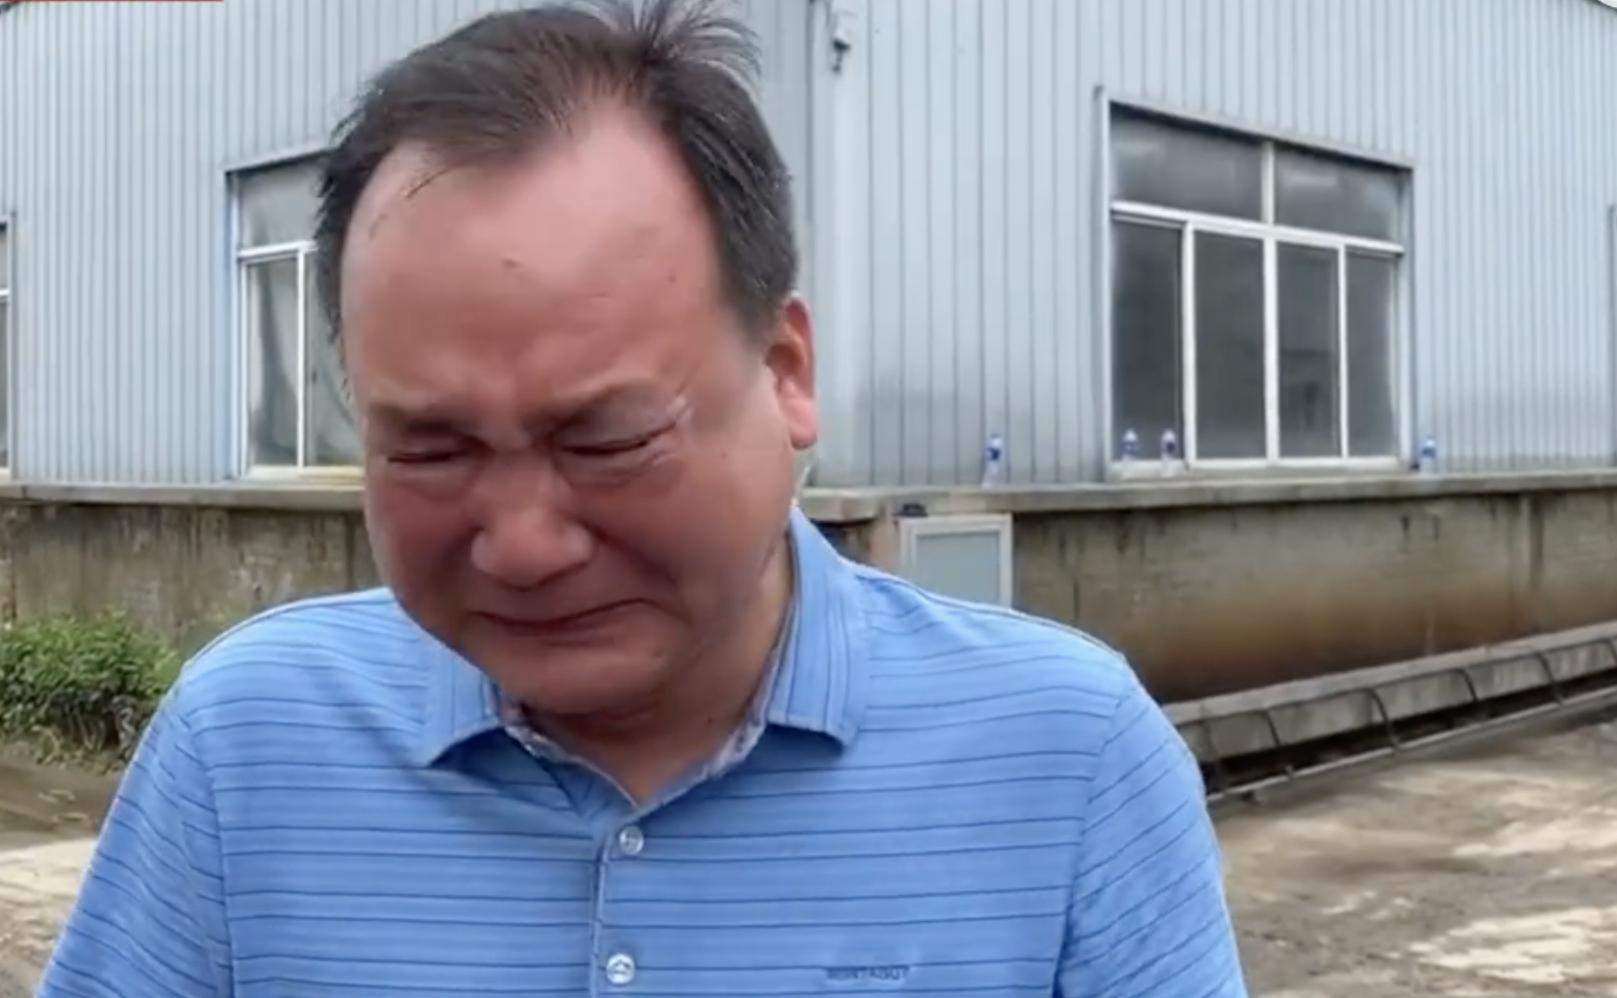 歙縣洪災 一茶企損失九千萬元 廠主失聲痛哭